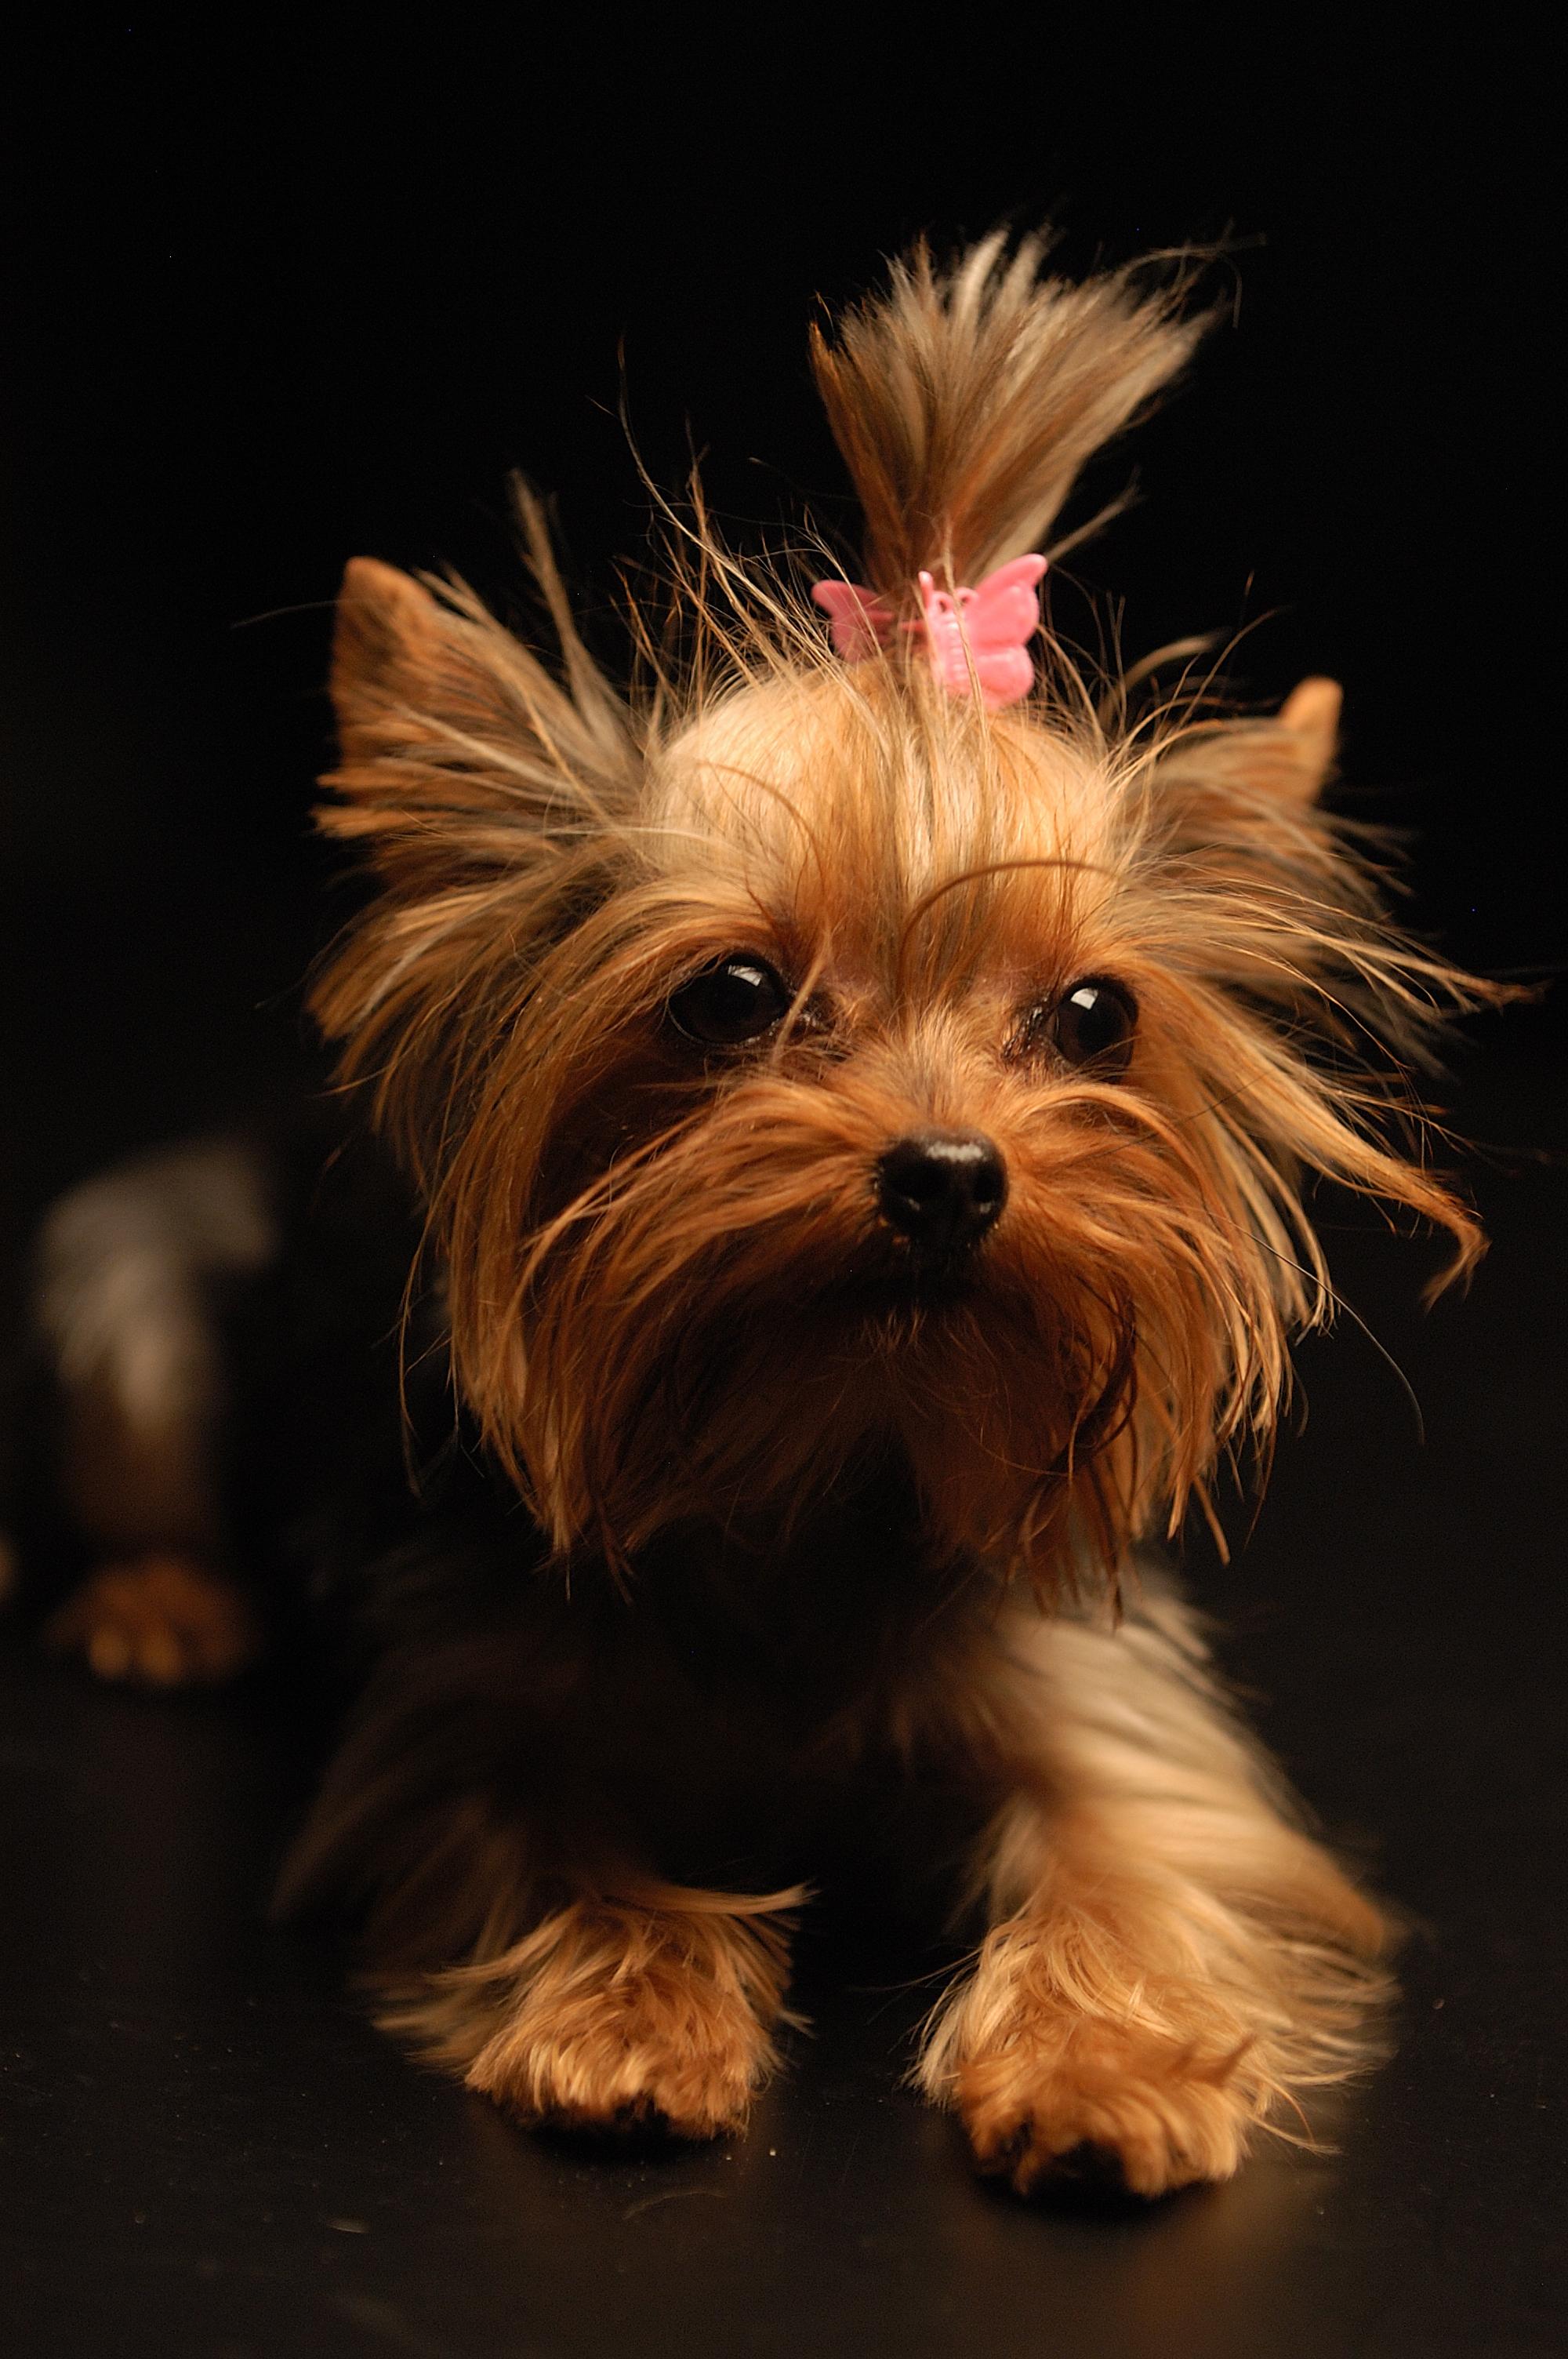 узкий круг порода собак йоркширский терьер фото что